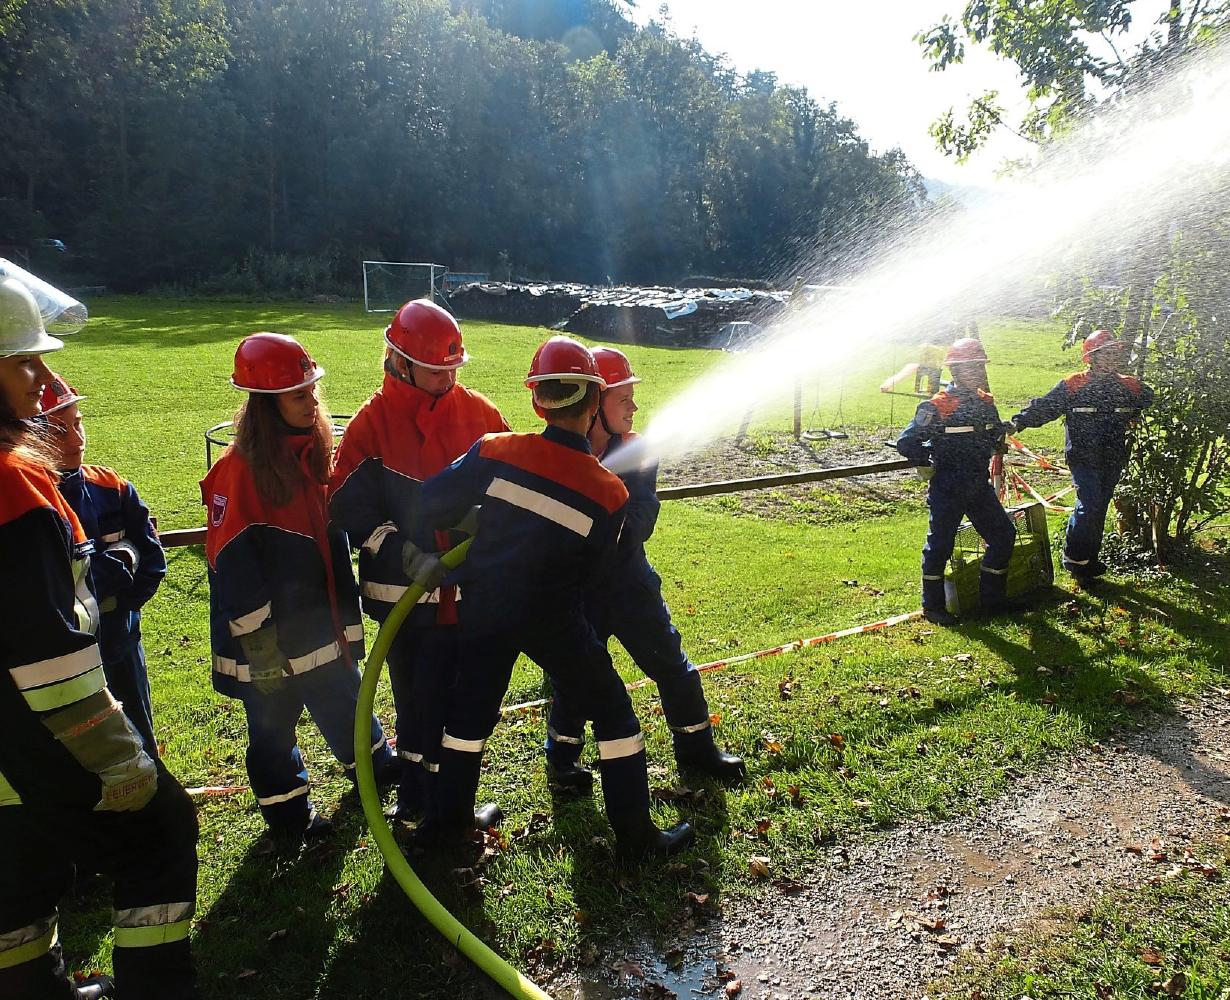 Die Jugendlichen ab 12 Jahren dürfen schon richtig ran ans Gerät. Beim 24-Stunden- Berufsfeuerwehrtag etwa mussten sie auch einen Waldbrand im Birktal bekämpfen. Die Jugendlichen üben bei ihren Treffen, wie bei Autounfällen vorgegangen werden muss. Mit ihrer Jugendarbeit sind die Kipenberger Feuerwehr für die Zukunft gerüstet. Fotos: FFW Kipfenberg